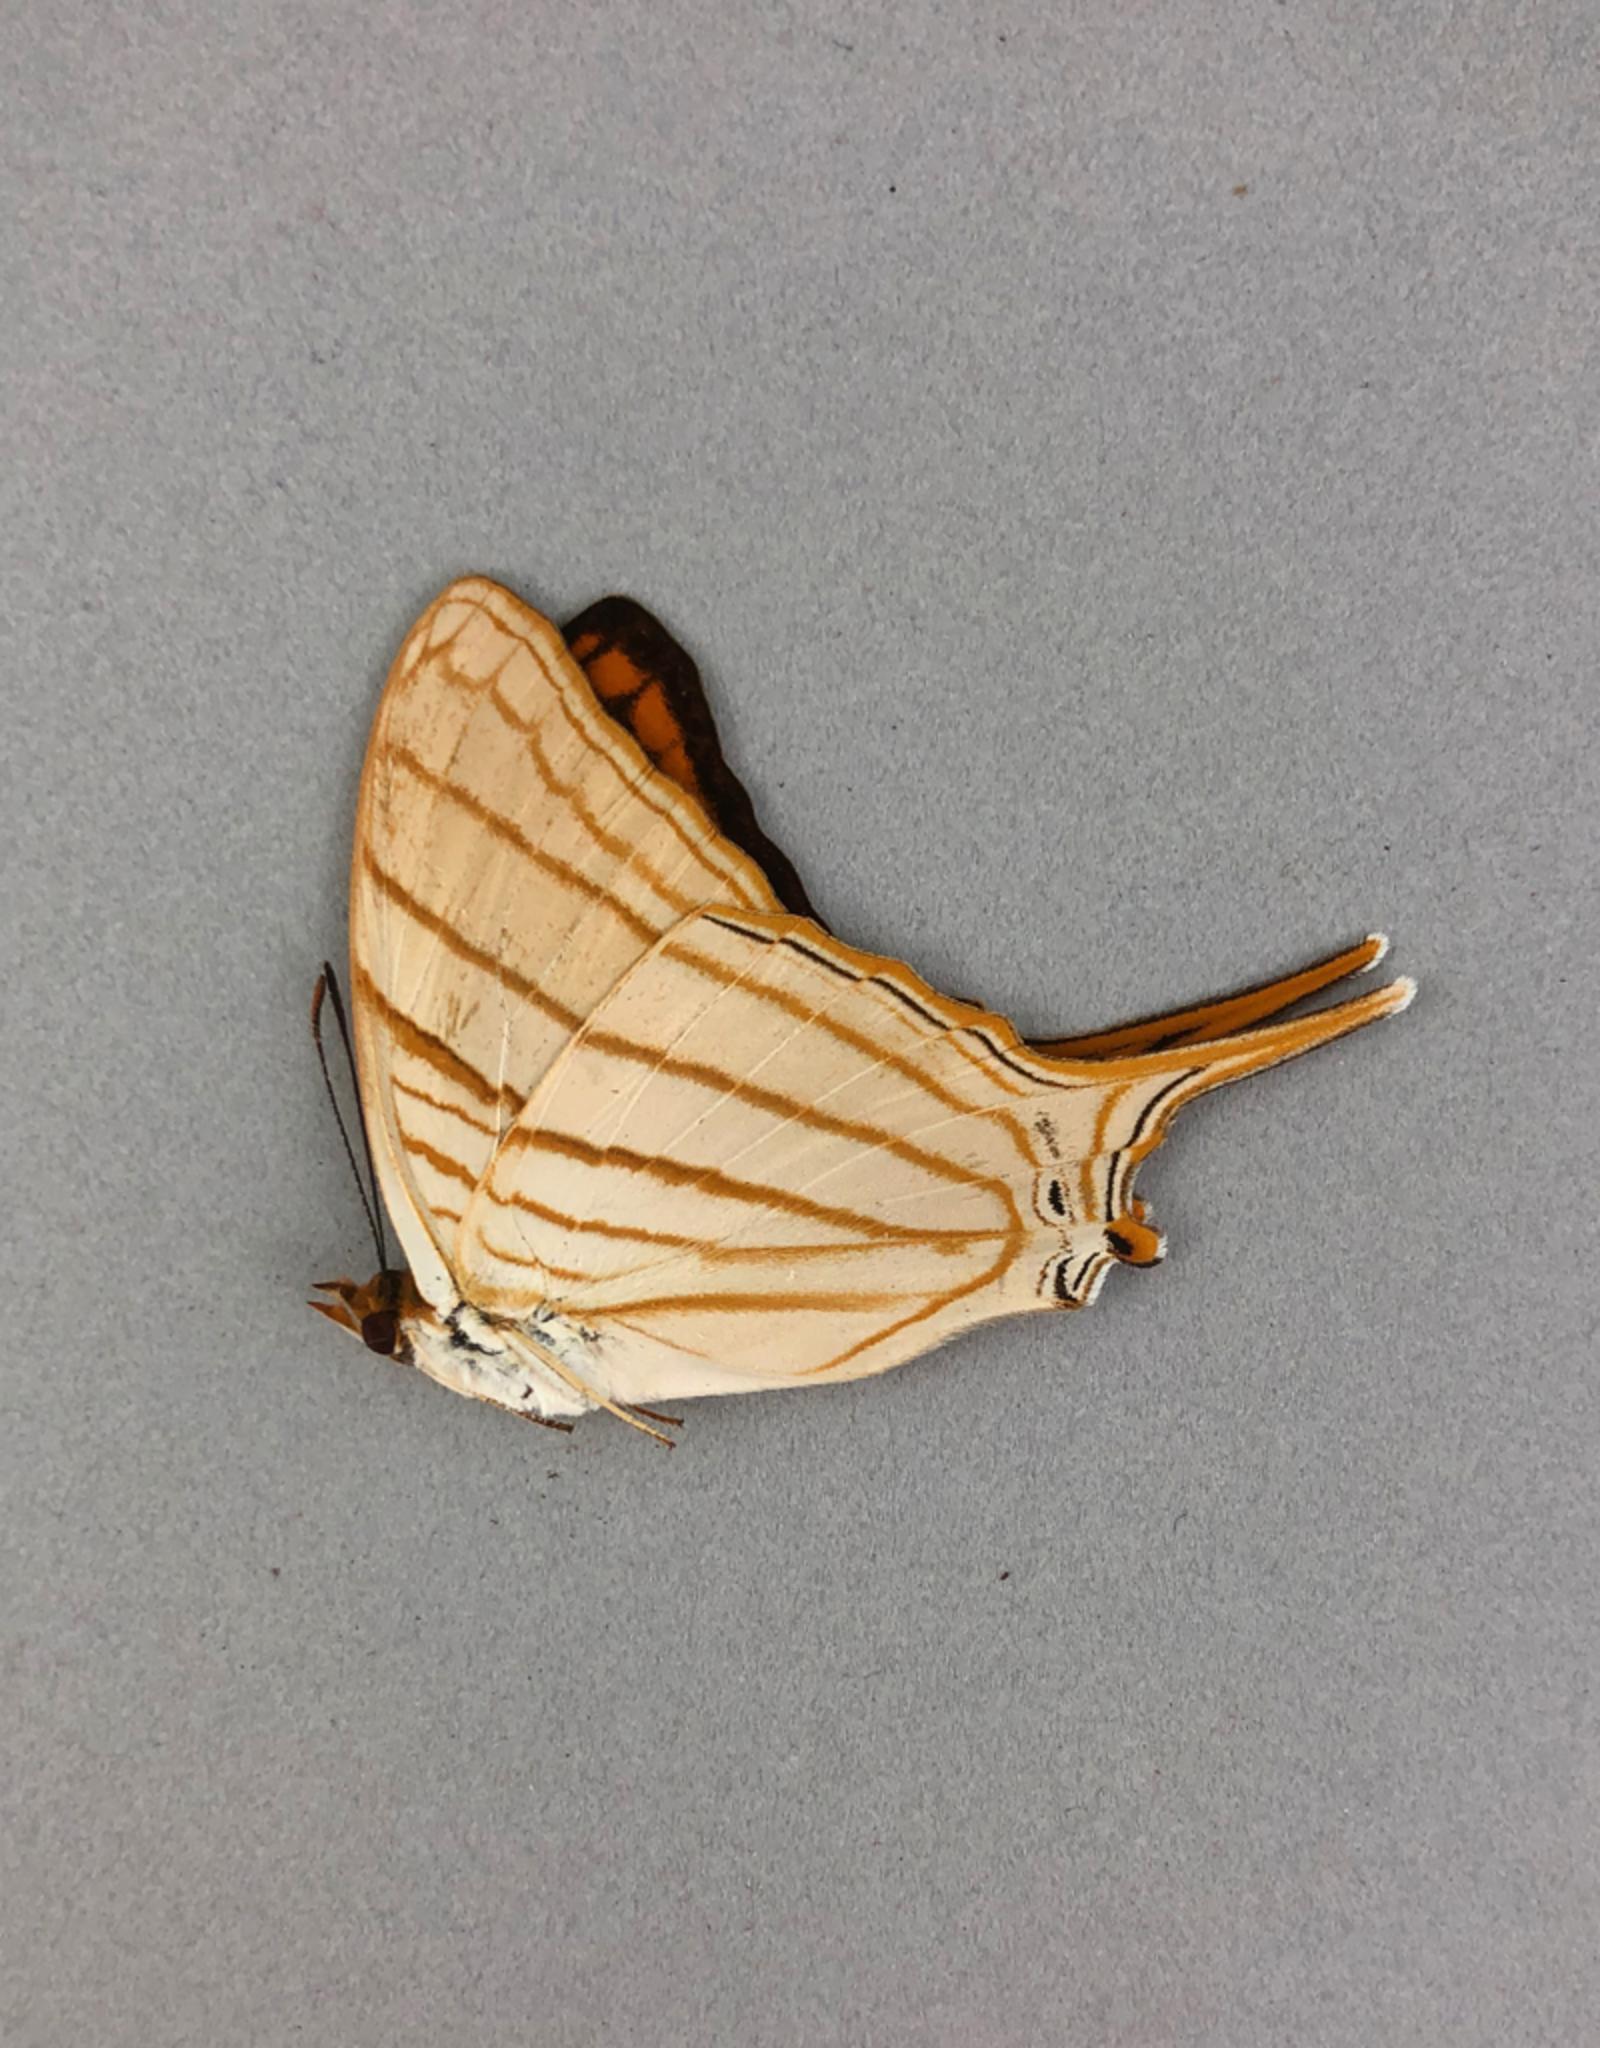 Marpesia livius livius M A1 Peru